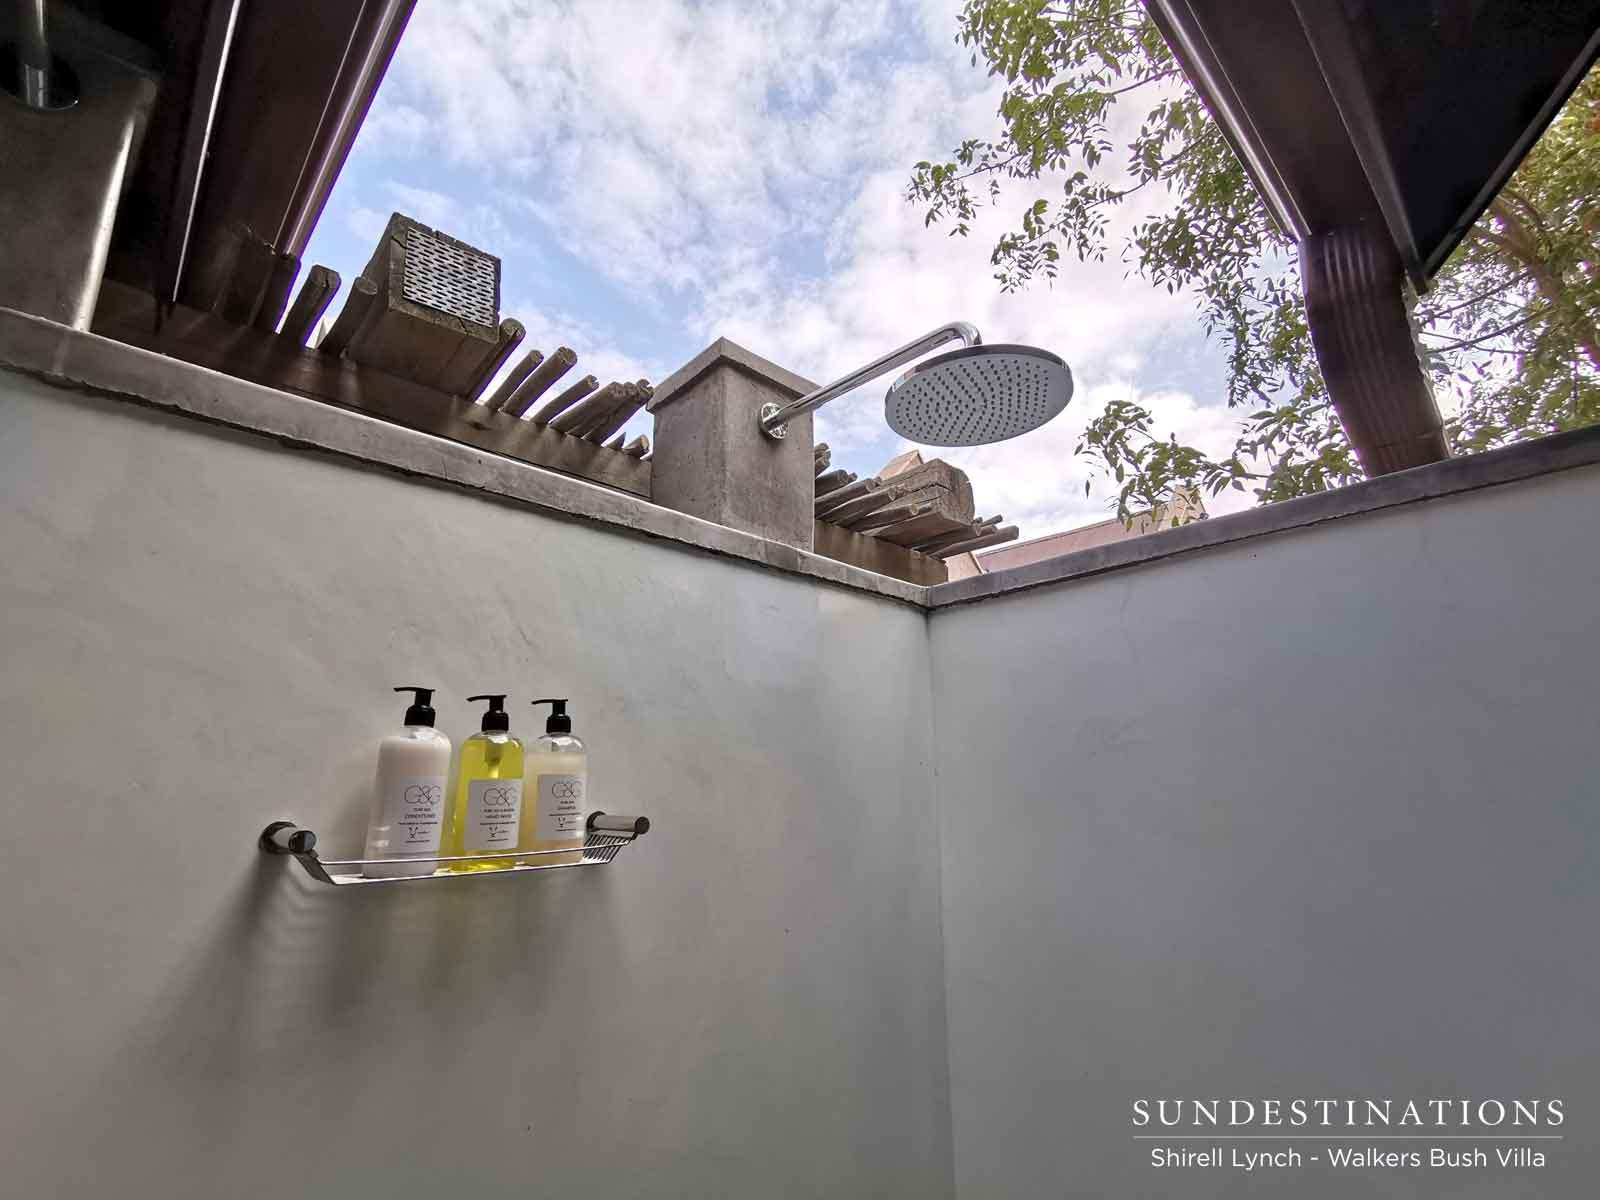 Outdoor Shower at Walkers Bush Villa